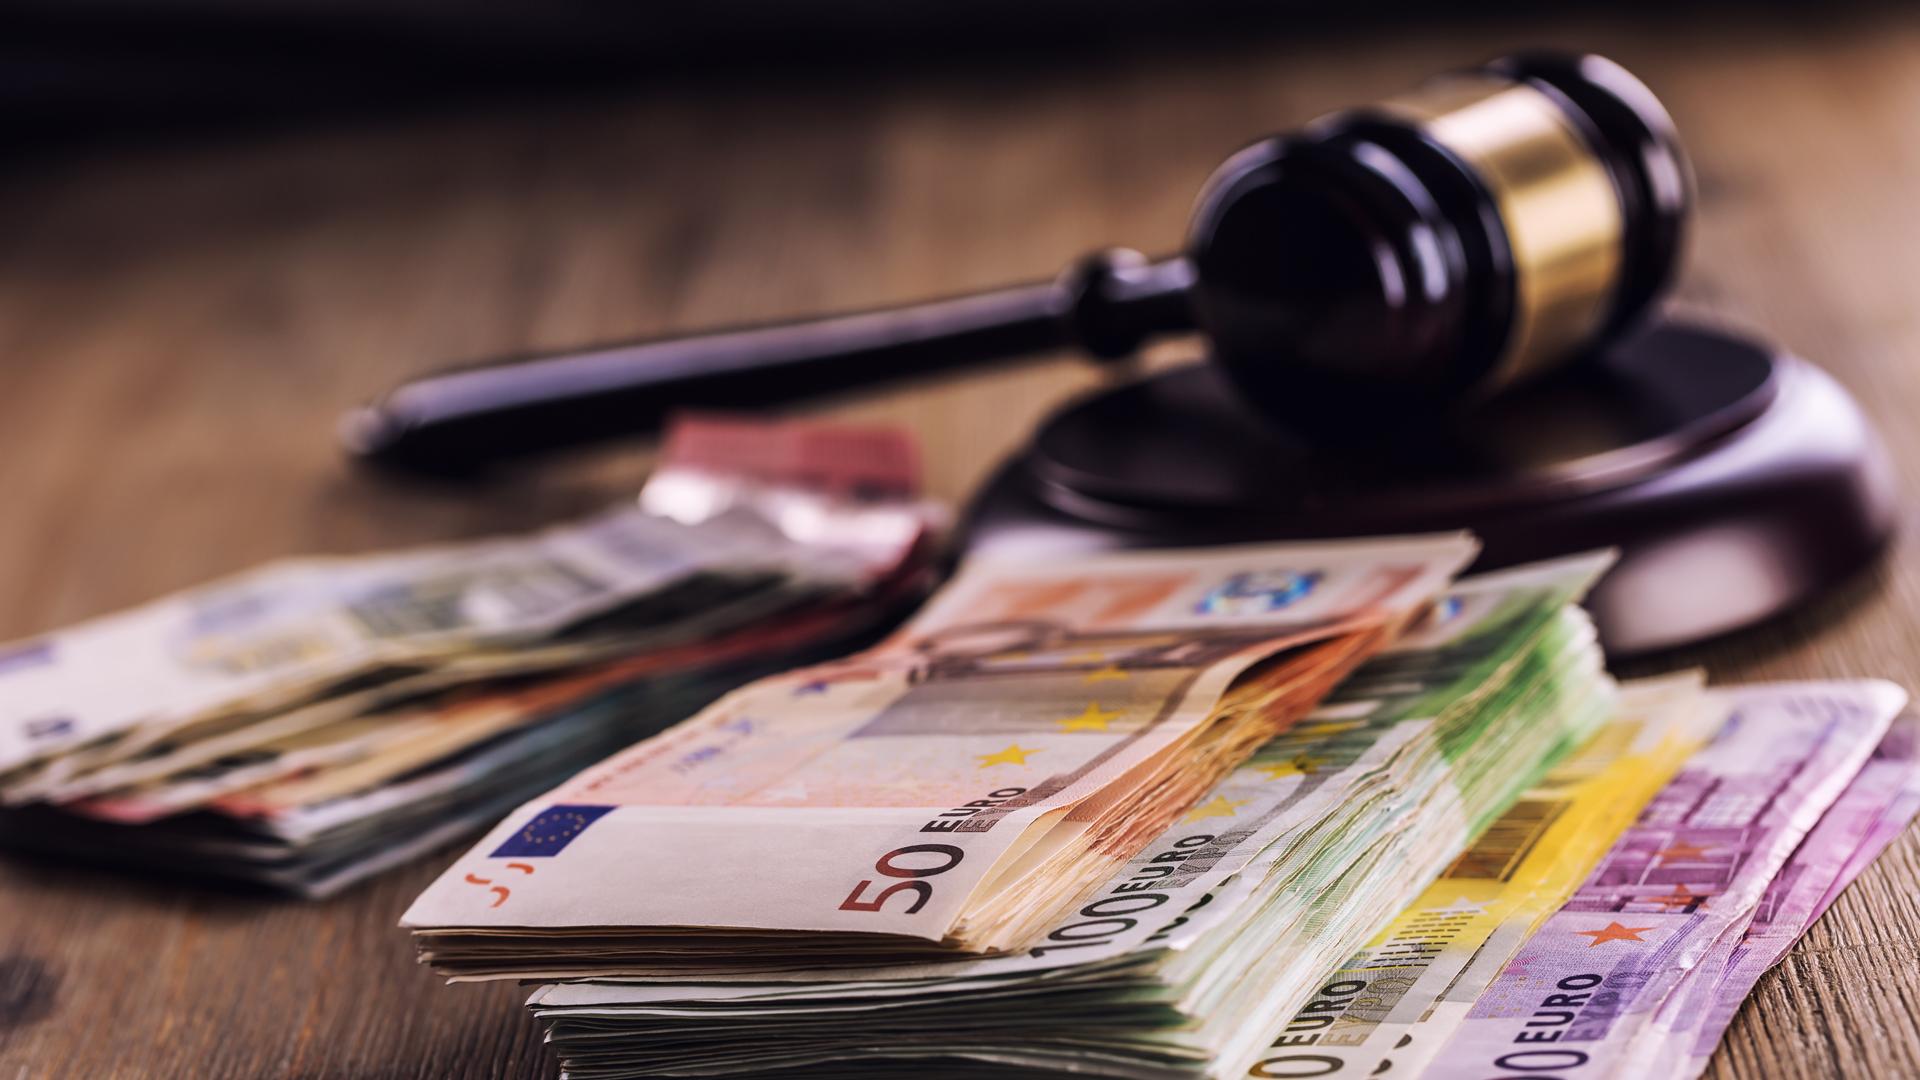 Unfallversicherung zahlt nicht: Rechtsanwalt Vogl hilft